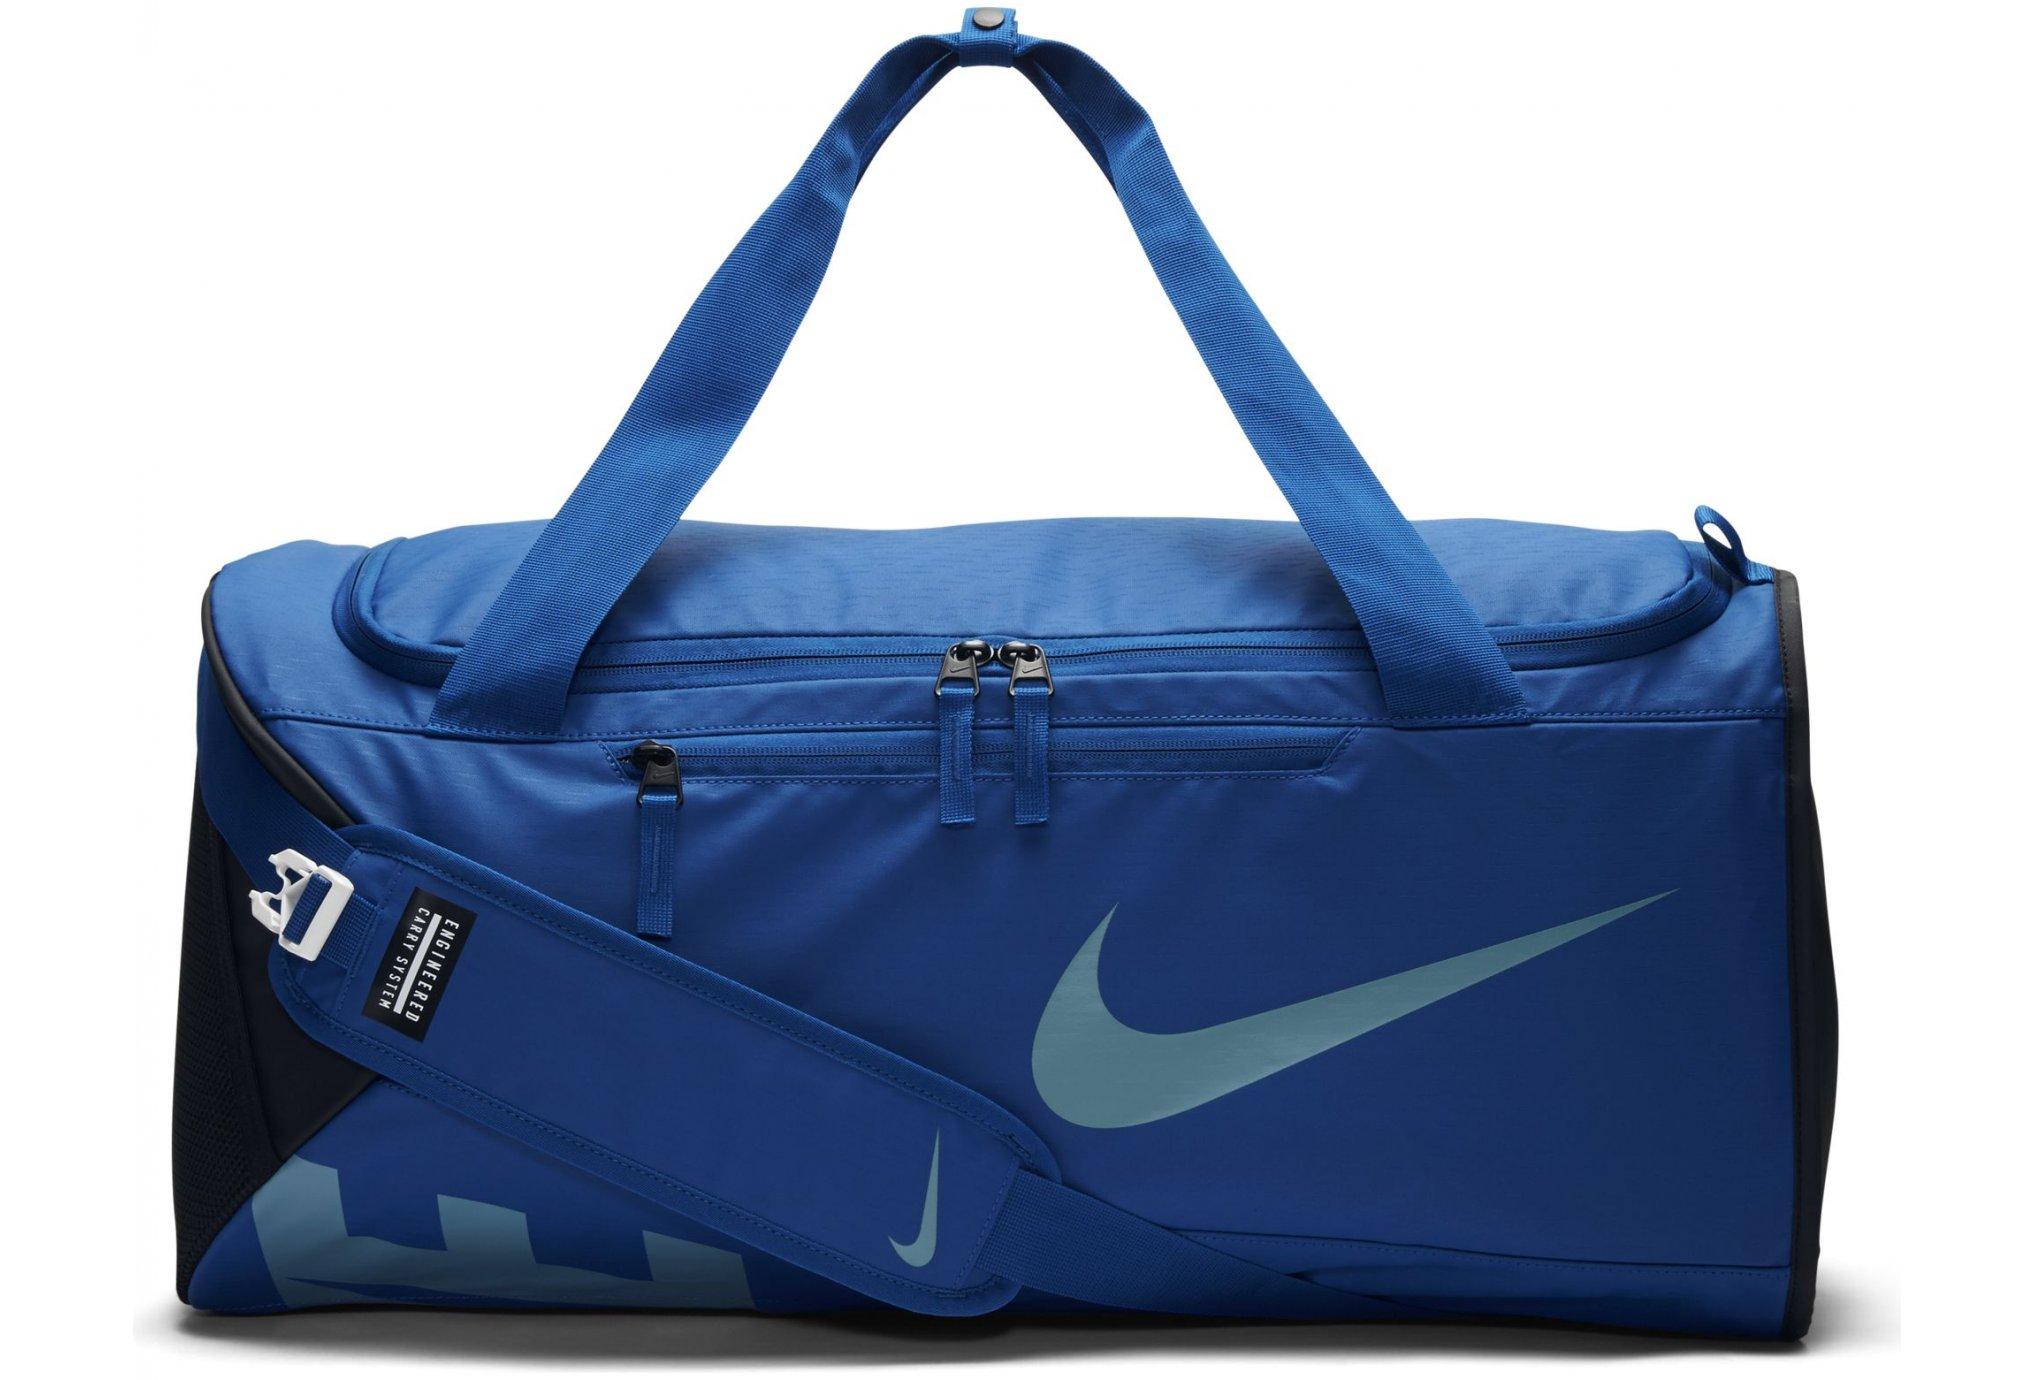 Rwcxp7 Produits Sac Nike Et Prix De Liste Accessoires Sport 4jLqcR53A